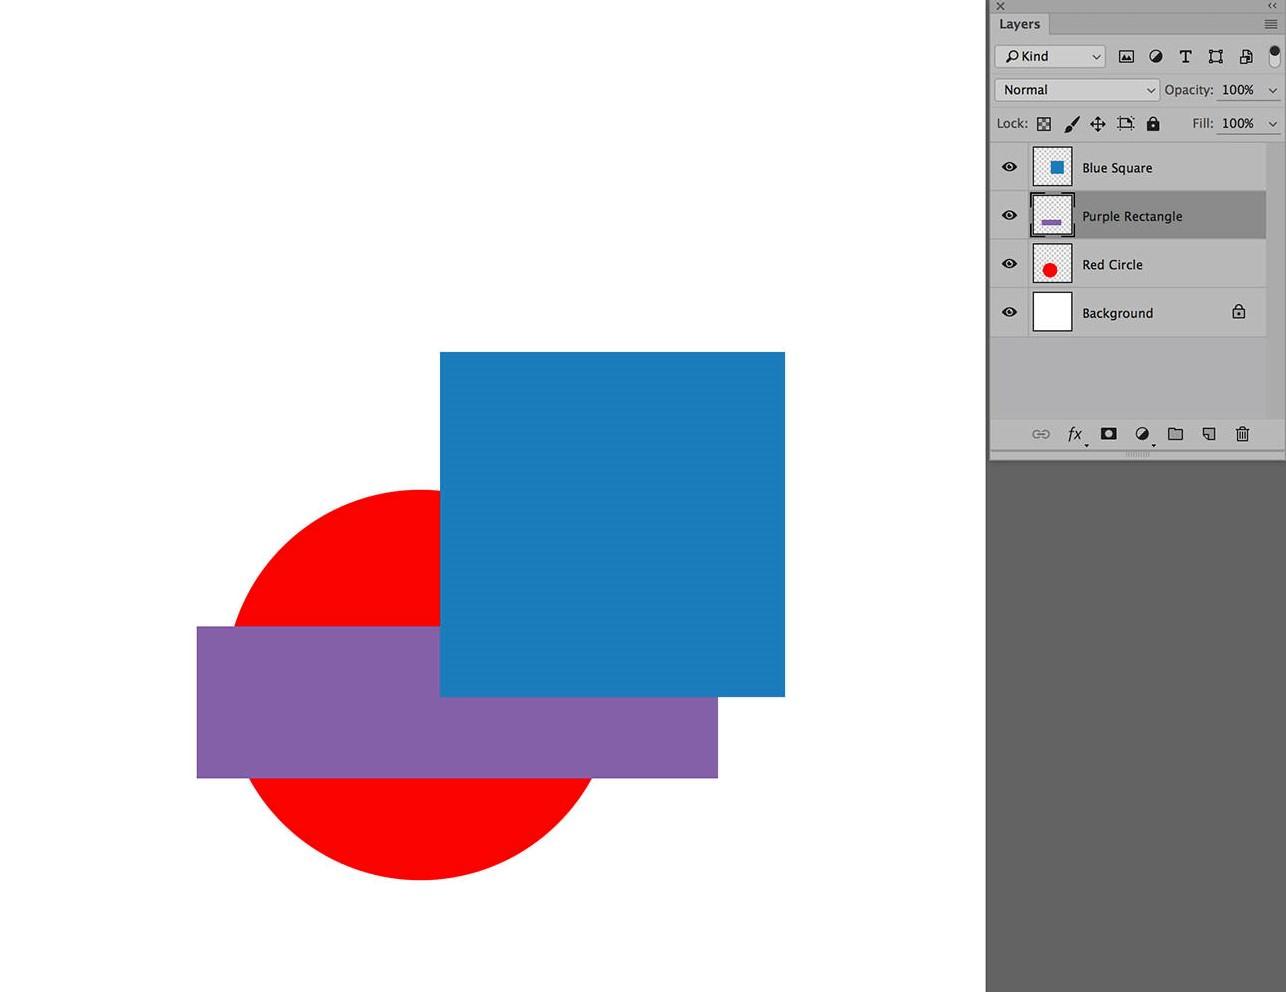 photoshop layers shape overlay